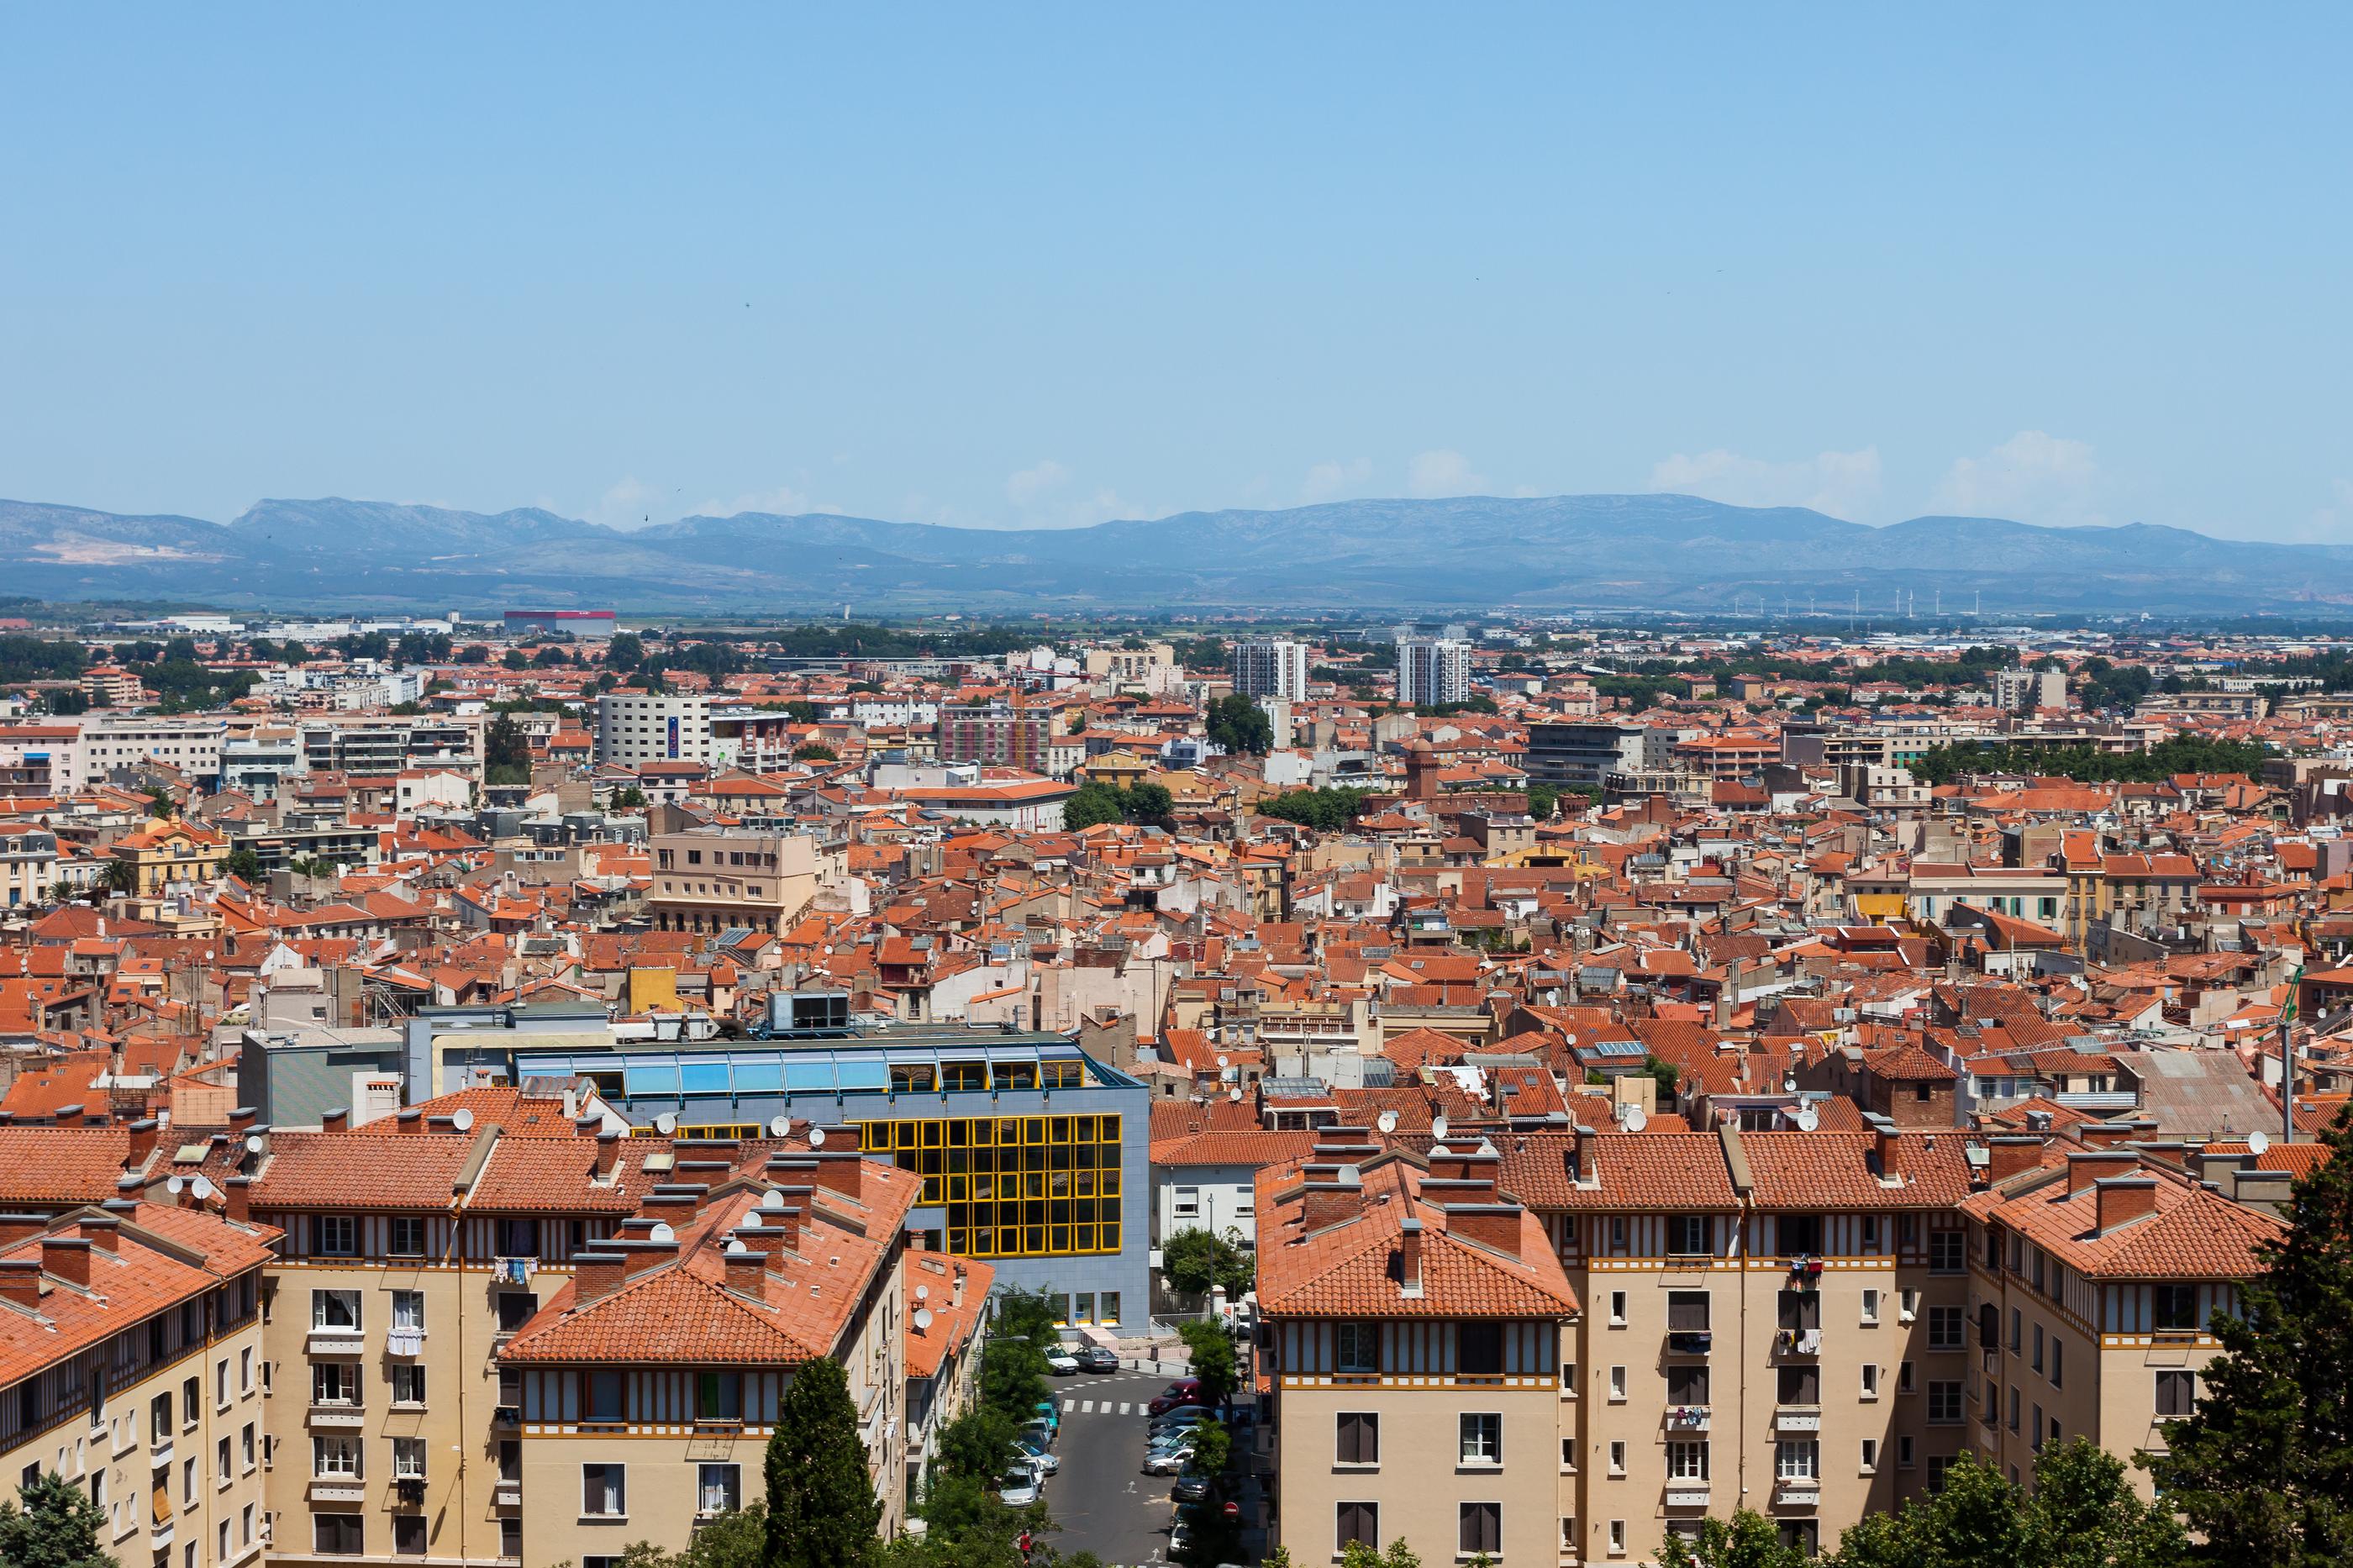 Activités, loisirs et transports Perpignan - Perpignan -